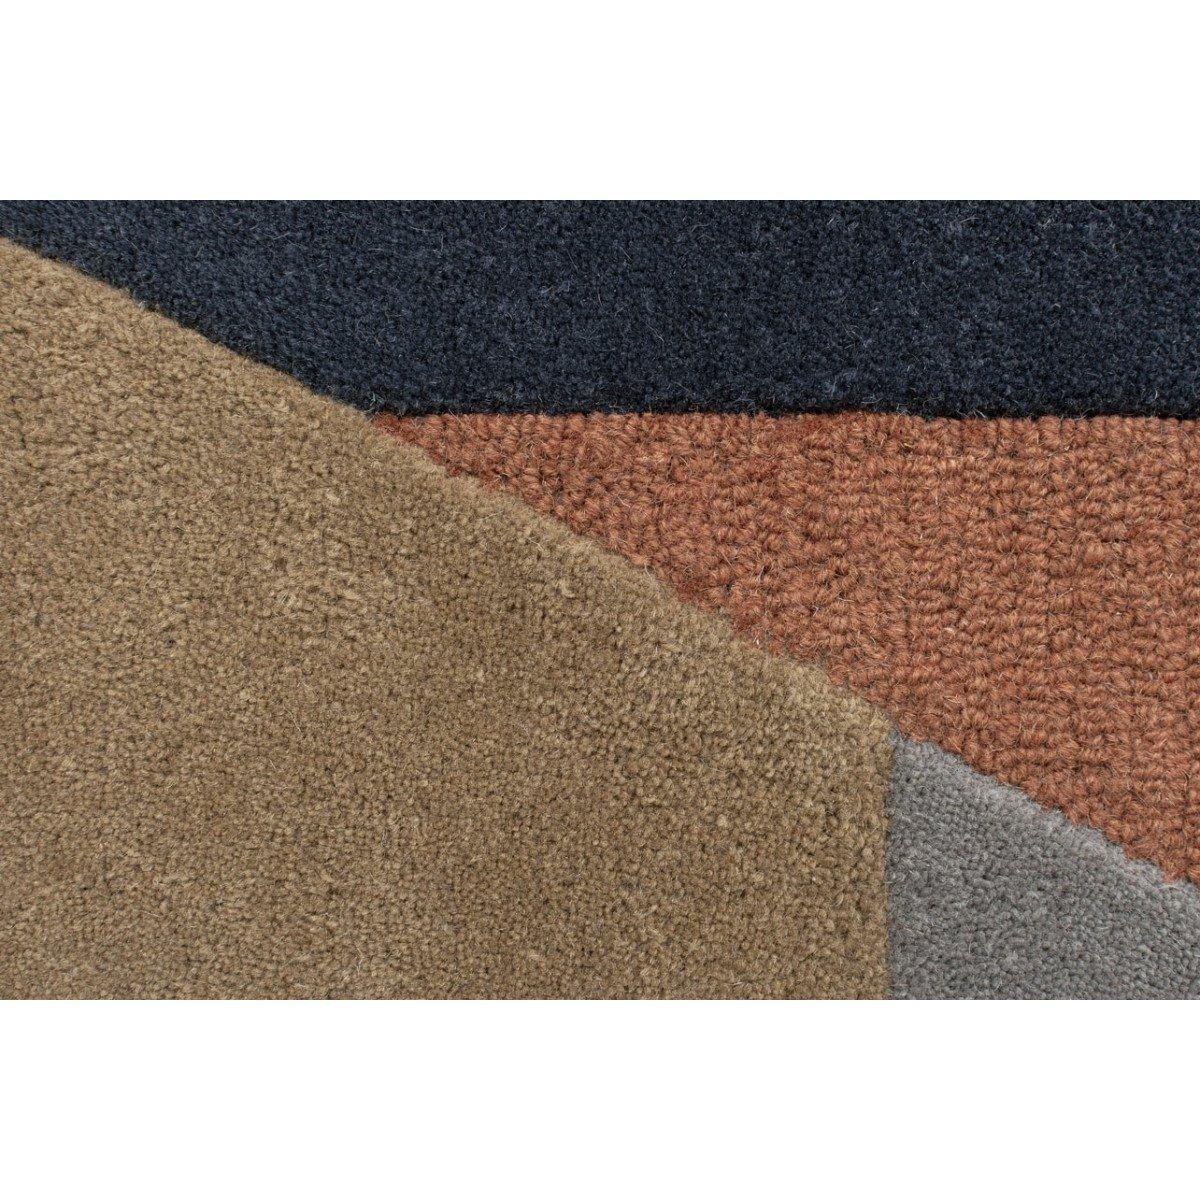 ALWYN - Tapis géométrique design en laine multicolore 200x290